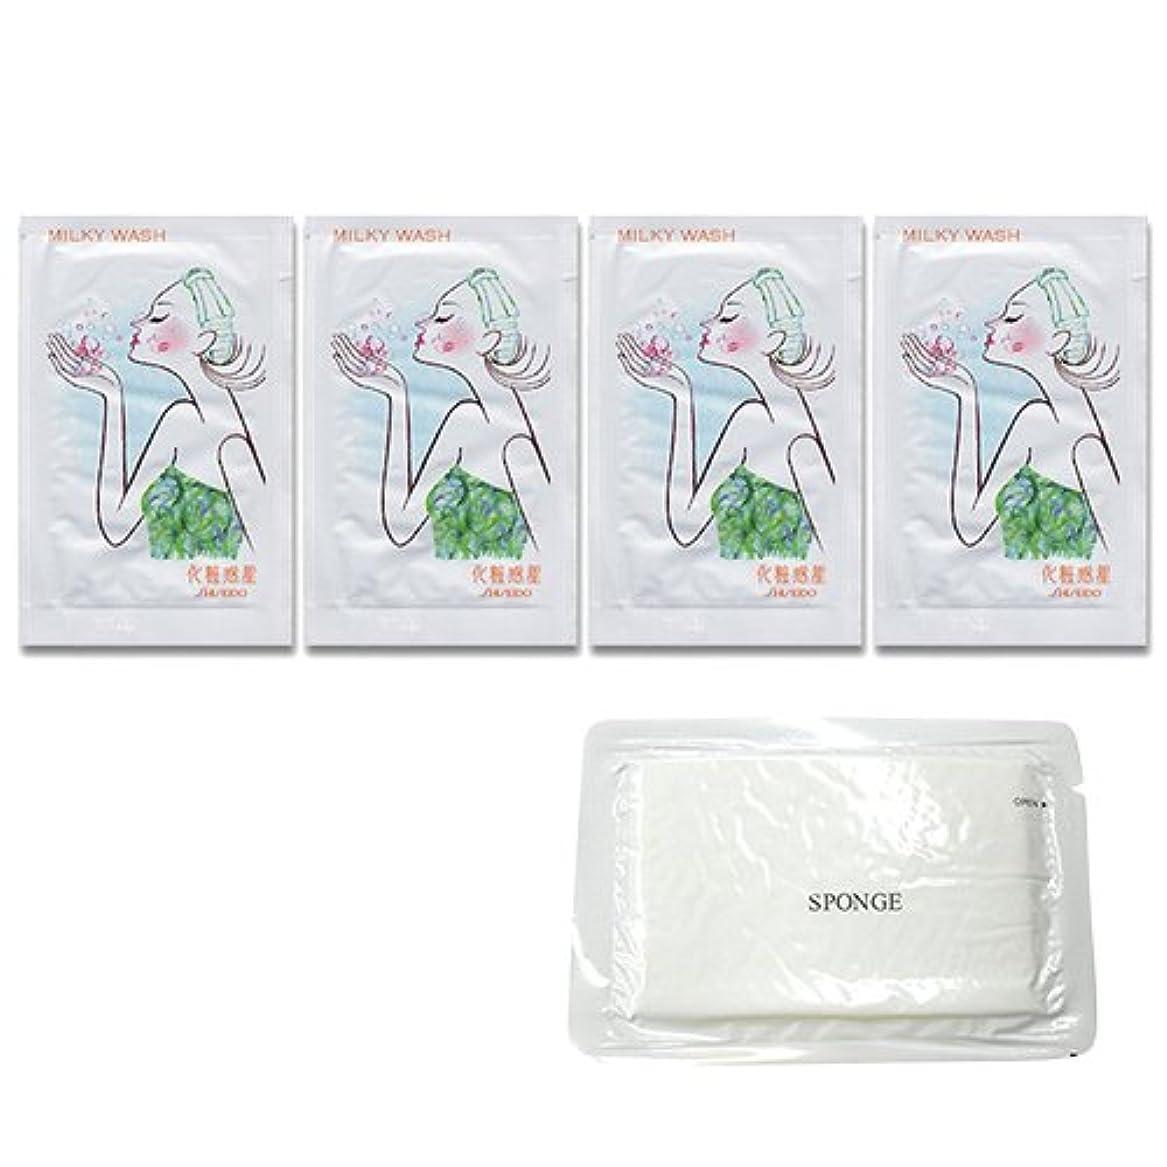 凶暴な適切にアリ資生堂 化粧惑星 ミルキーウォッシュ(洗顔料)パウチ 2g × 4個 + 圧縮スポンジセット